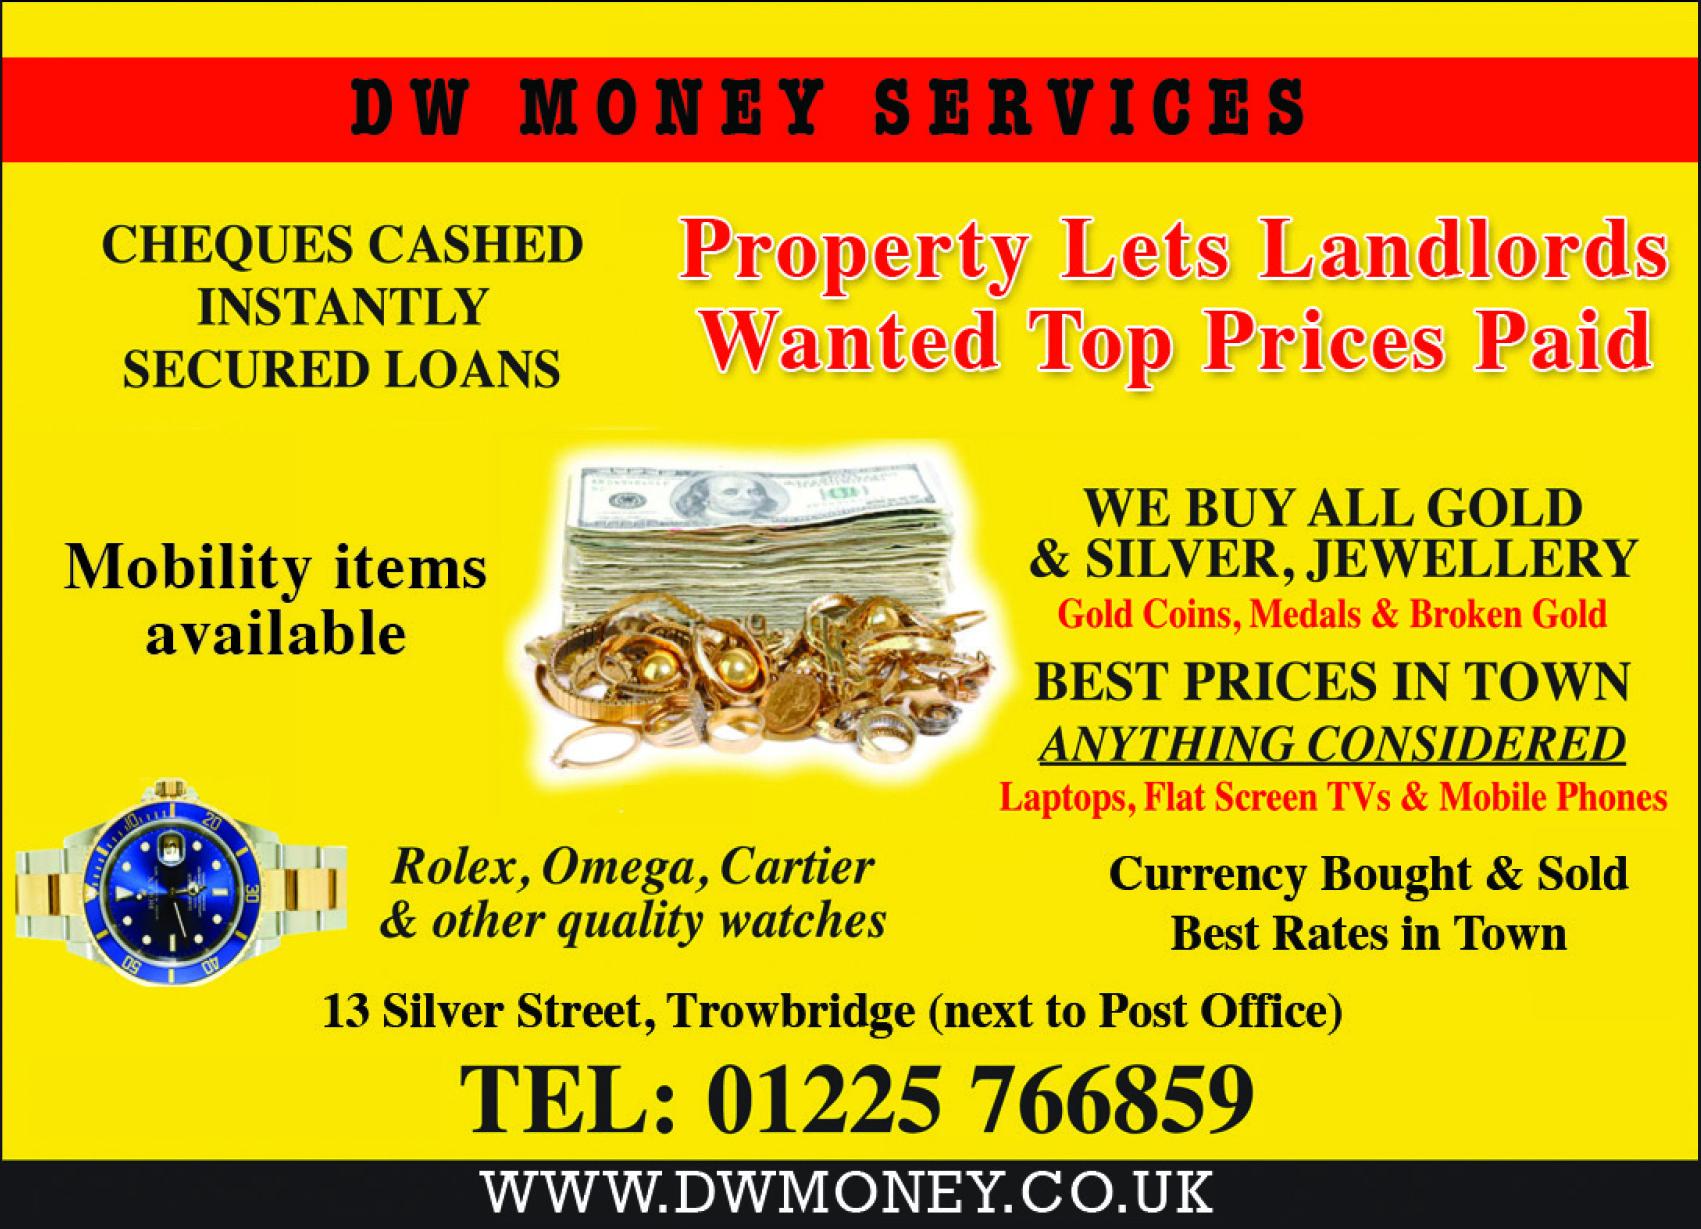 DW Money Services